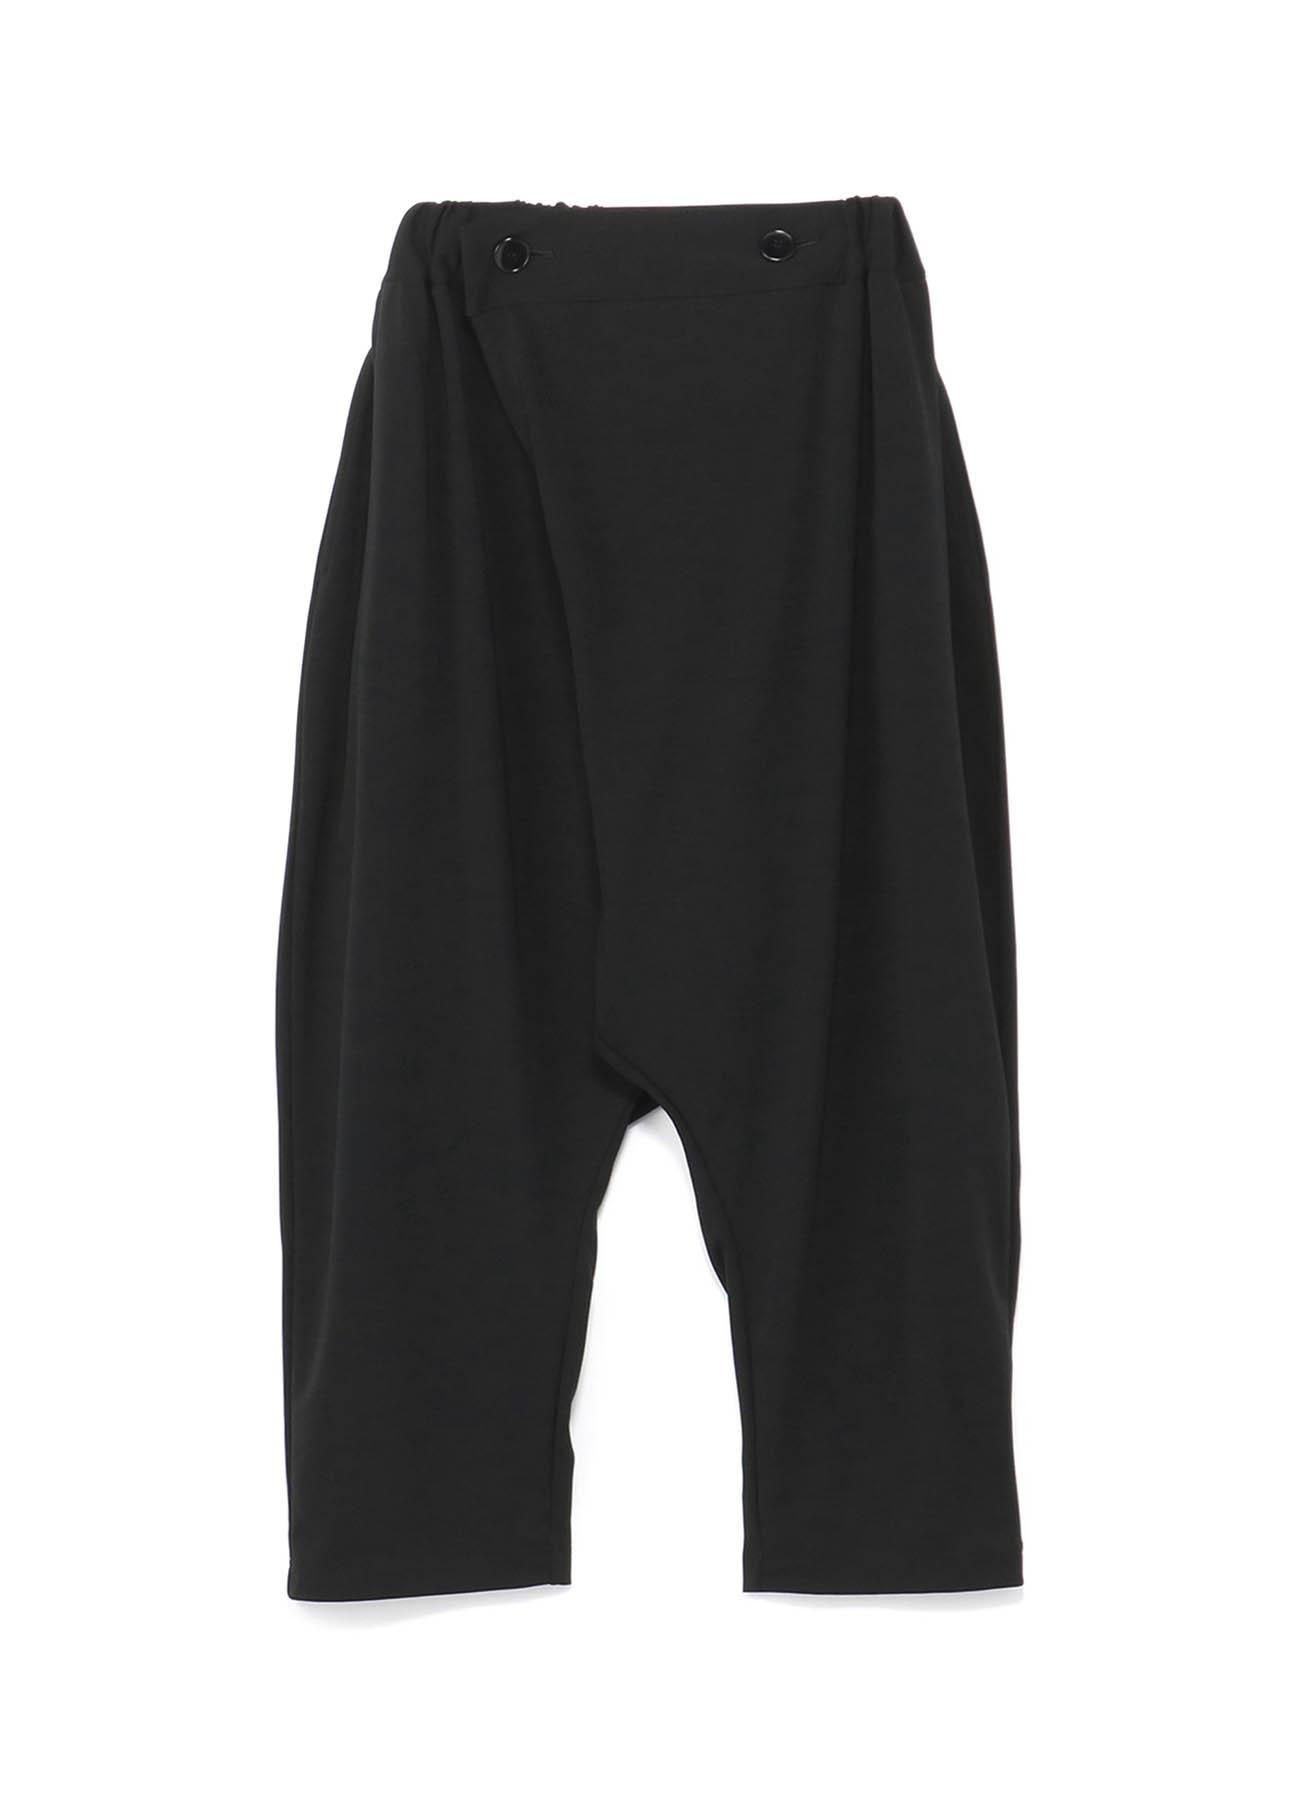 Ta / Pe宽裤